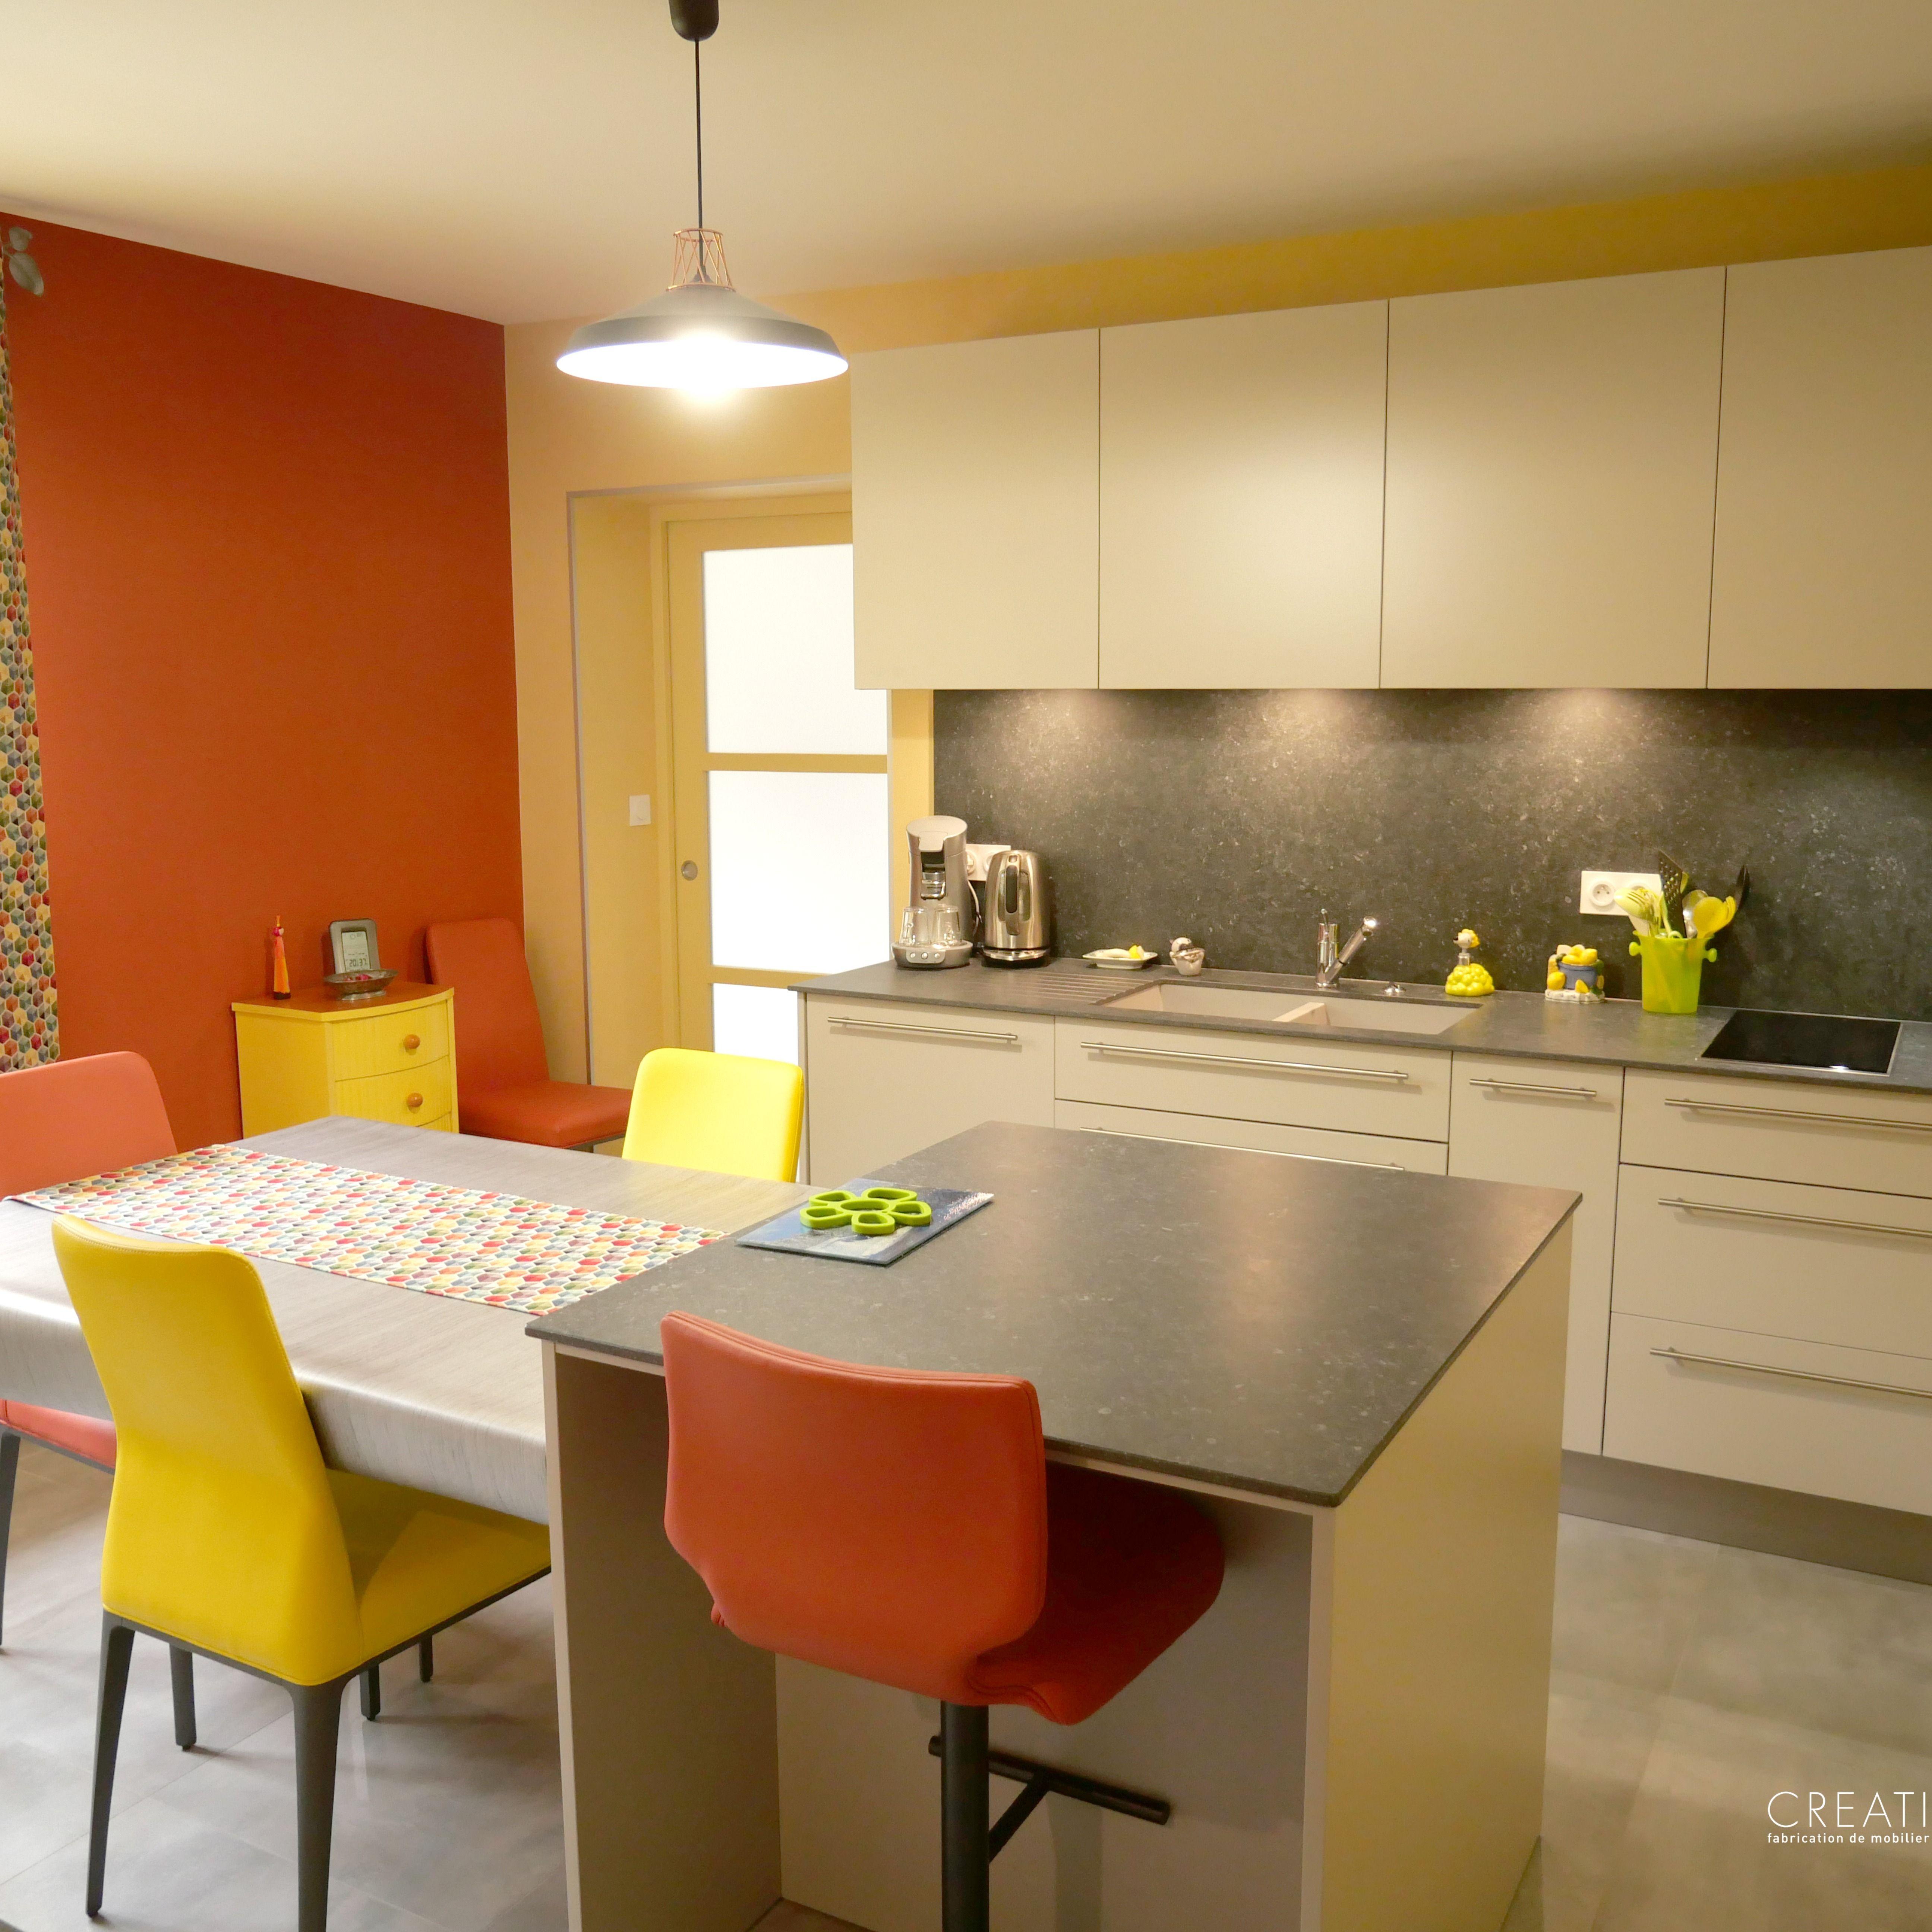 Découvrez cette nouvelle cuisine sur-mesure ! #creativmobilier